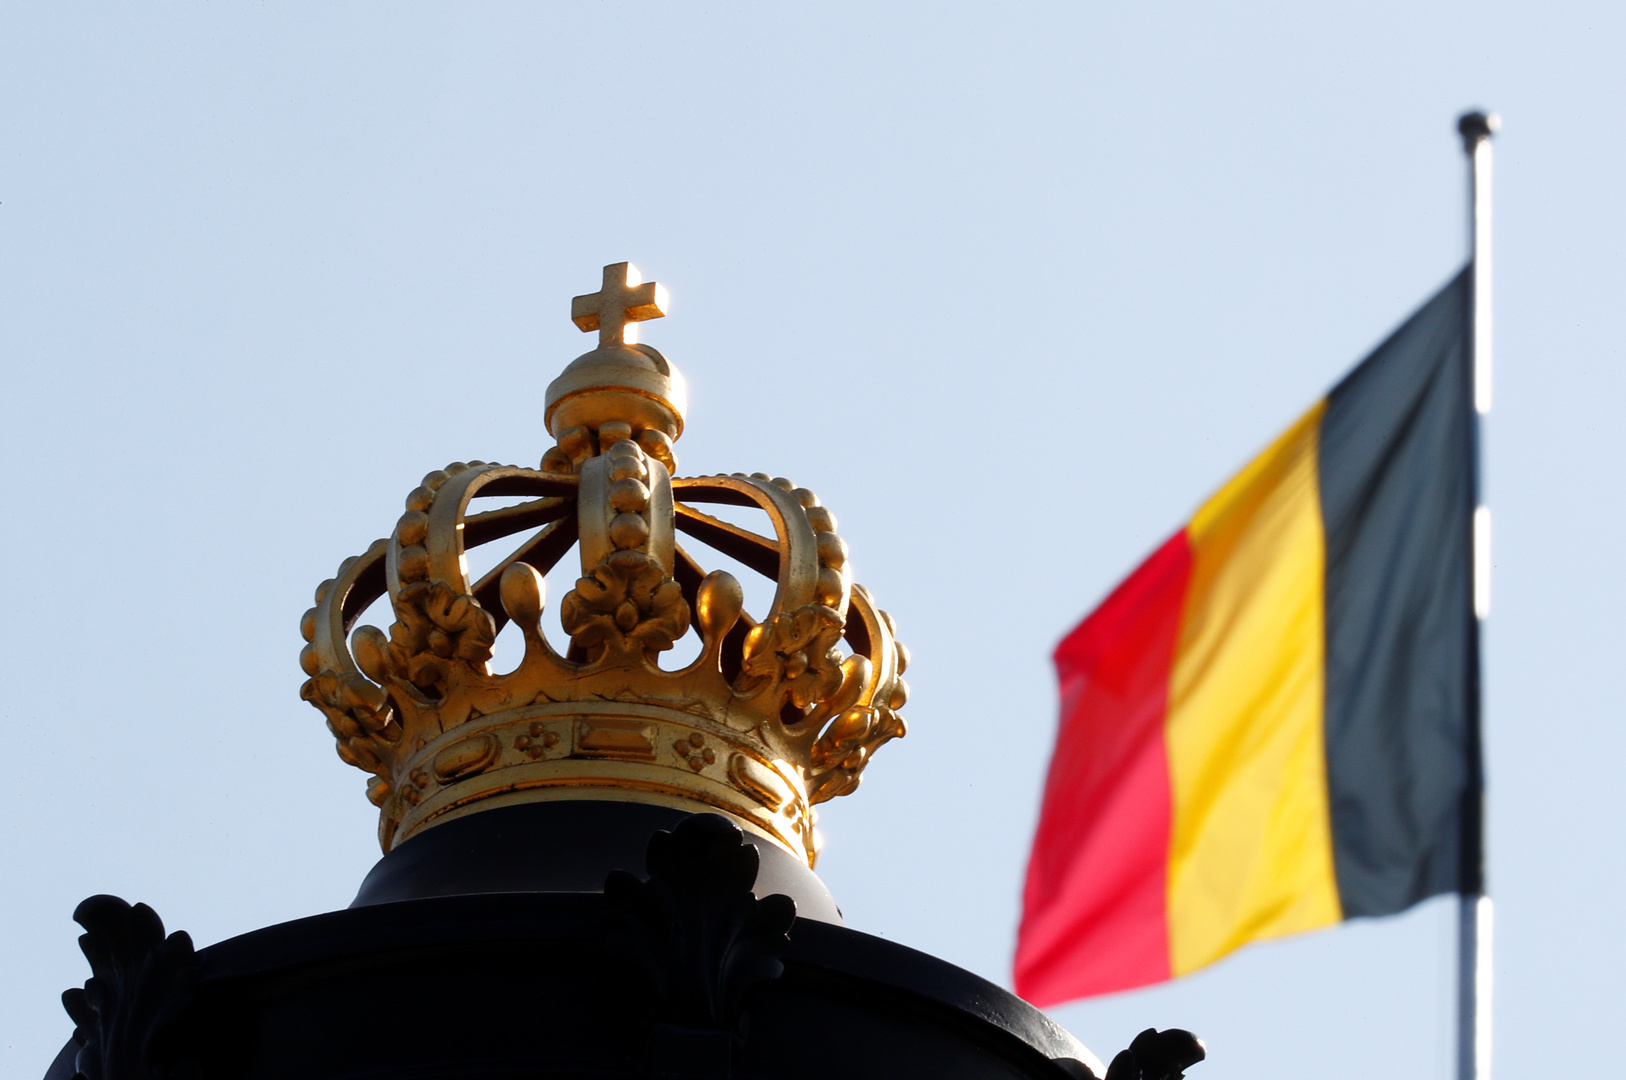 برلمان بلجيكا يدعو لمحاسبة المسؤولين عن الإبادة الجماعية للإيزيديين بالعراق